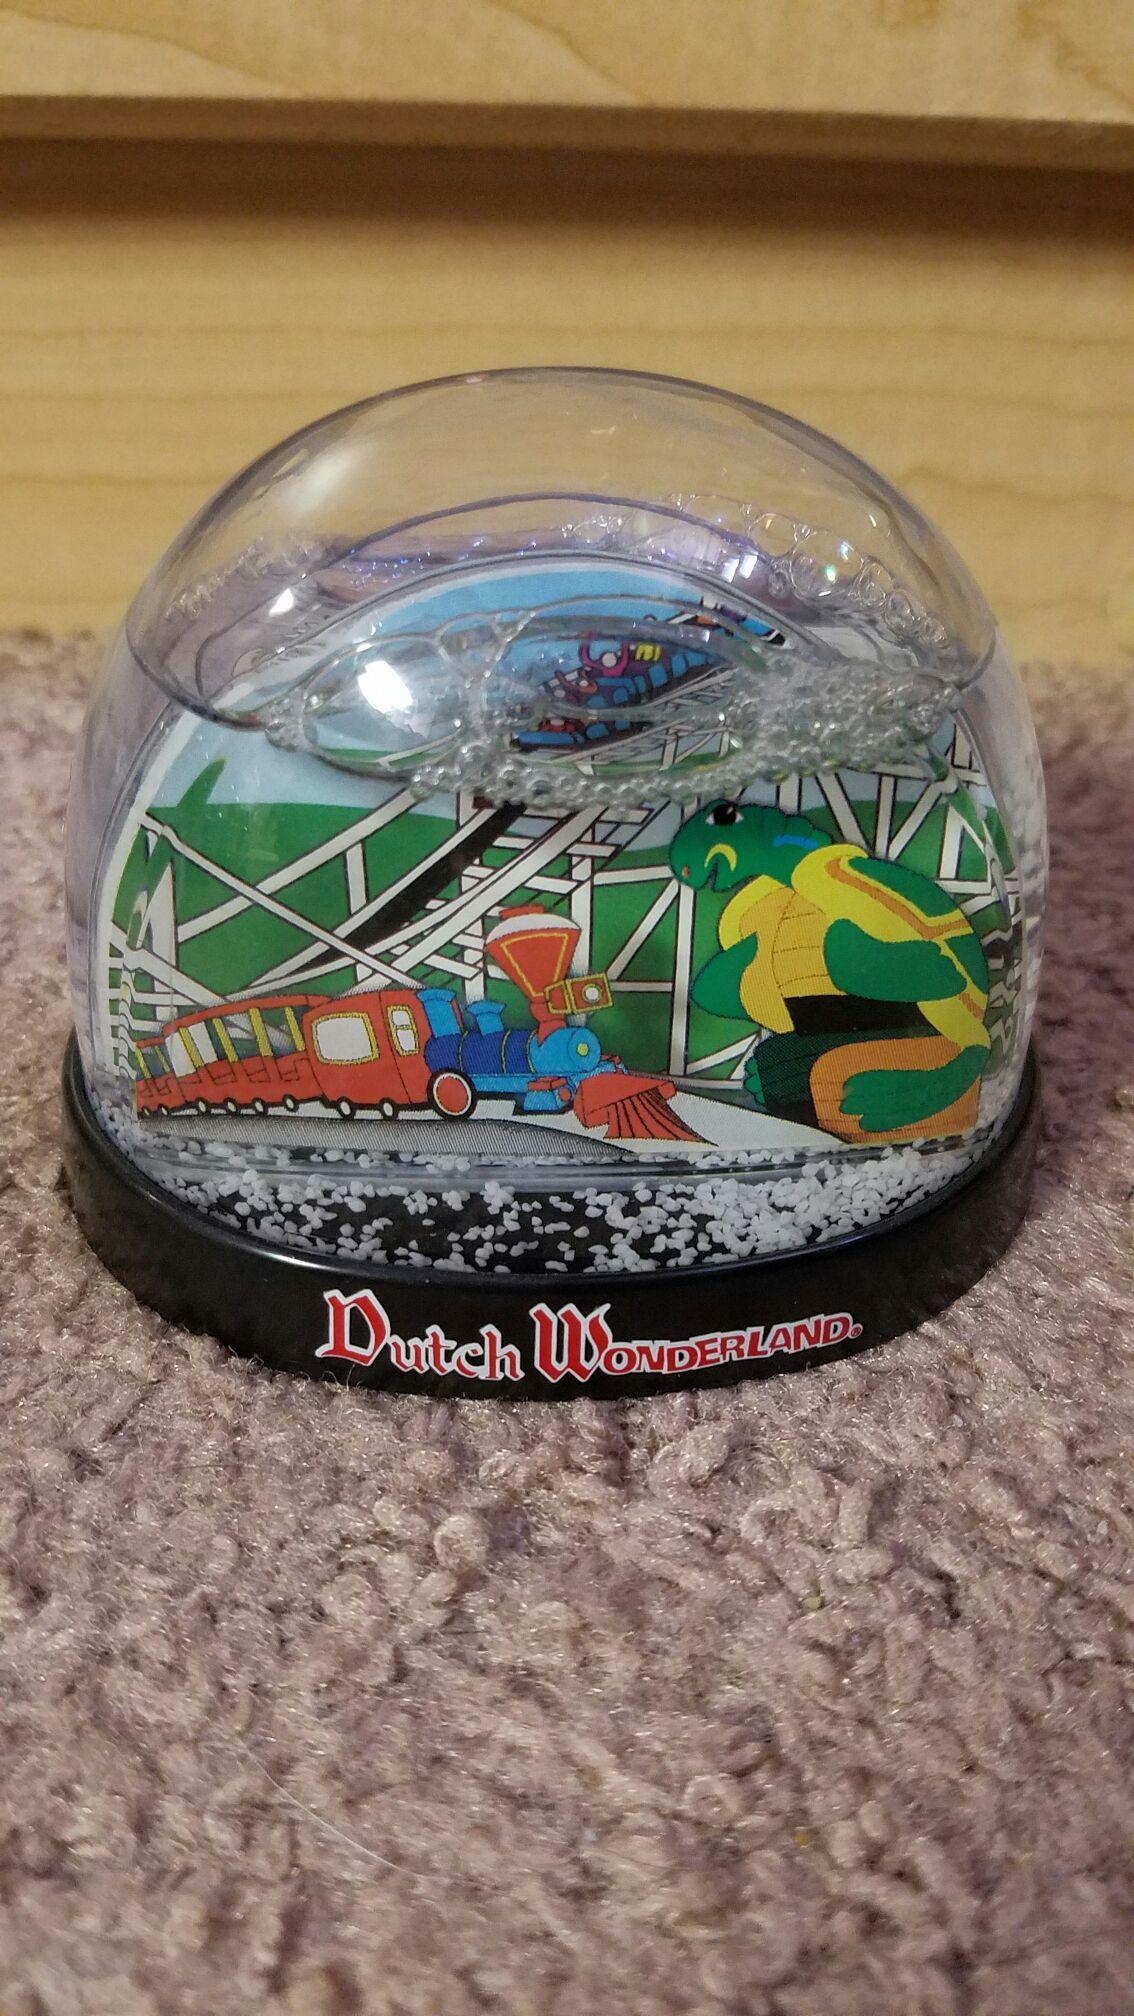 Dutch Wonderland Snowglobe back image (back cover, second image)